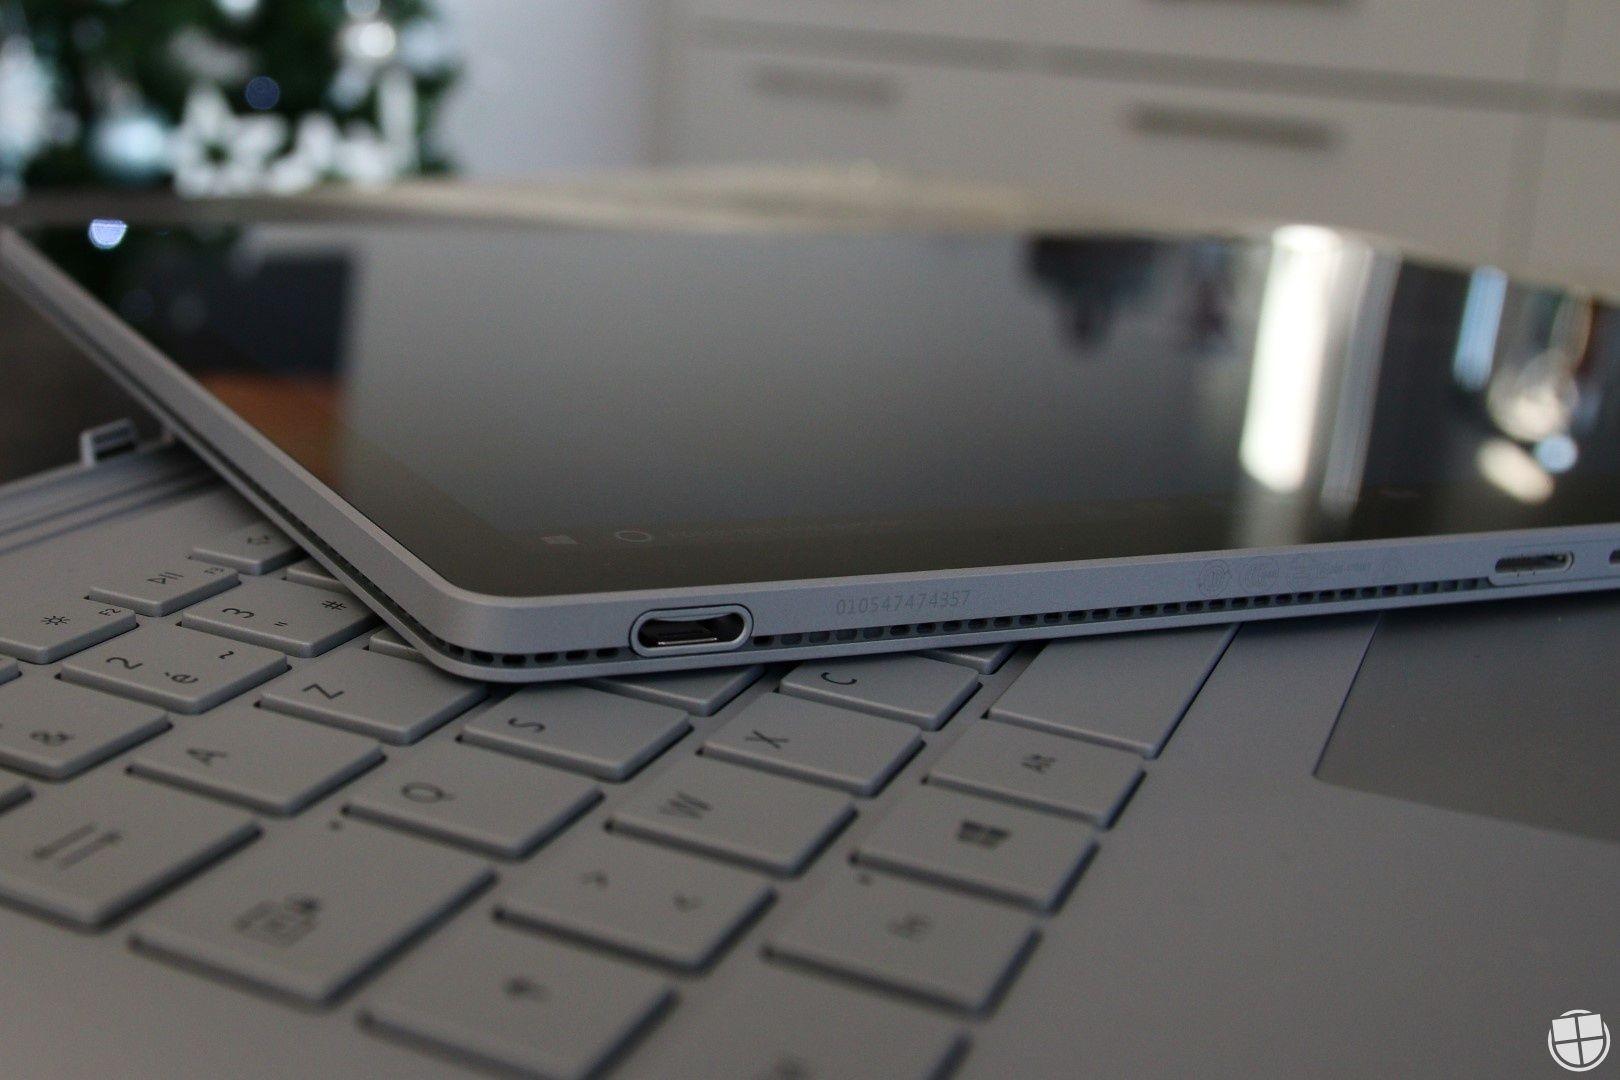 a1c8e9bedd1 J ai testé le Surface Book 2